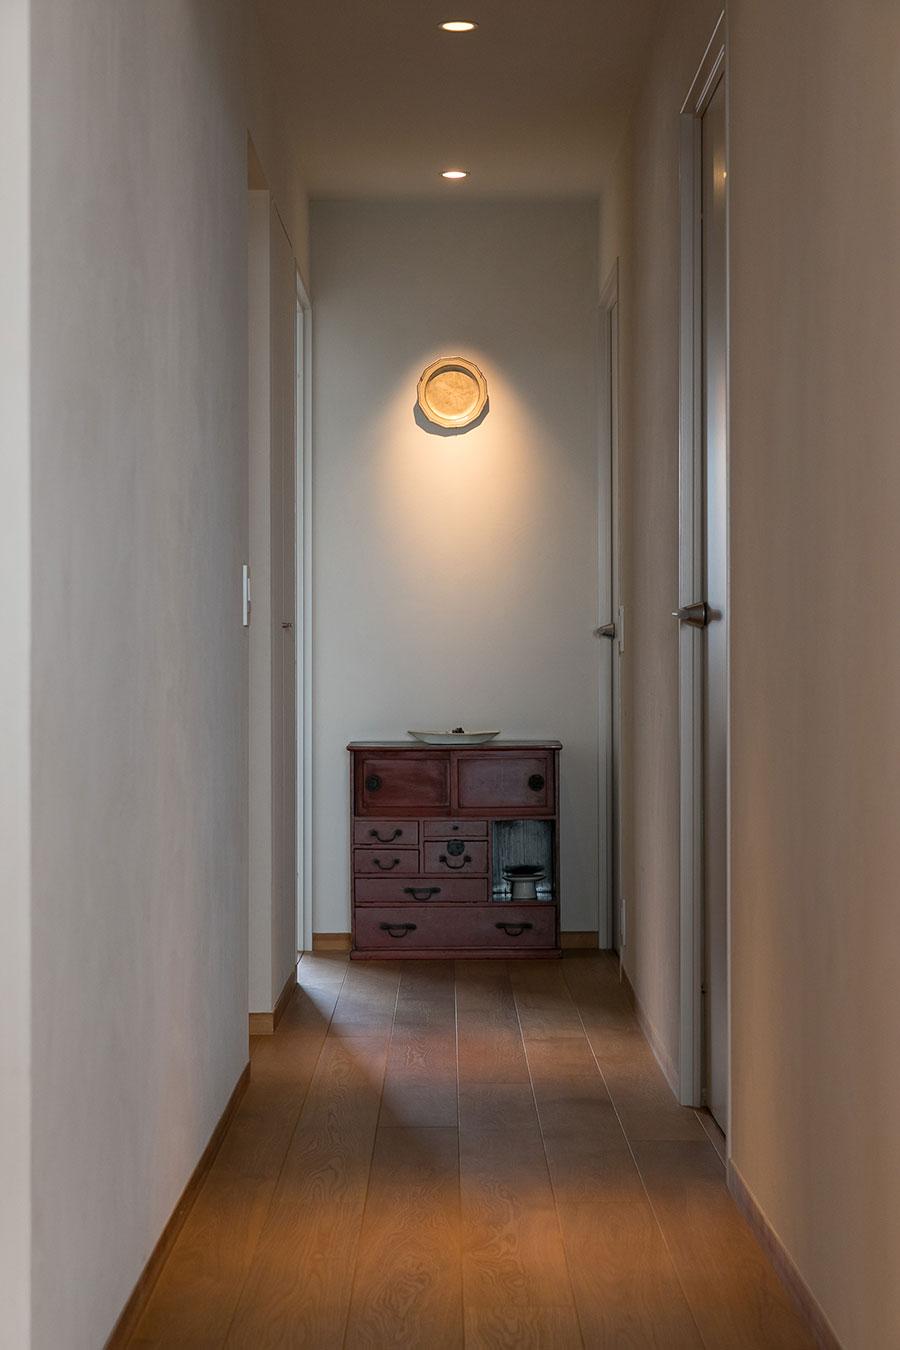 廊下の先に置いた和箪笥は、漆職人だったおじいさまの作品。壁にかけた皿はフランスのアンティーク。「皿に入った傷が絵のように見えます」。スポットライトを当てて演出。